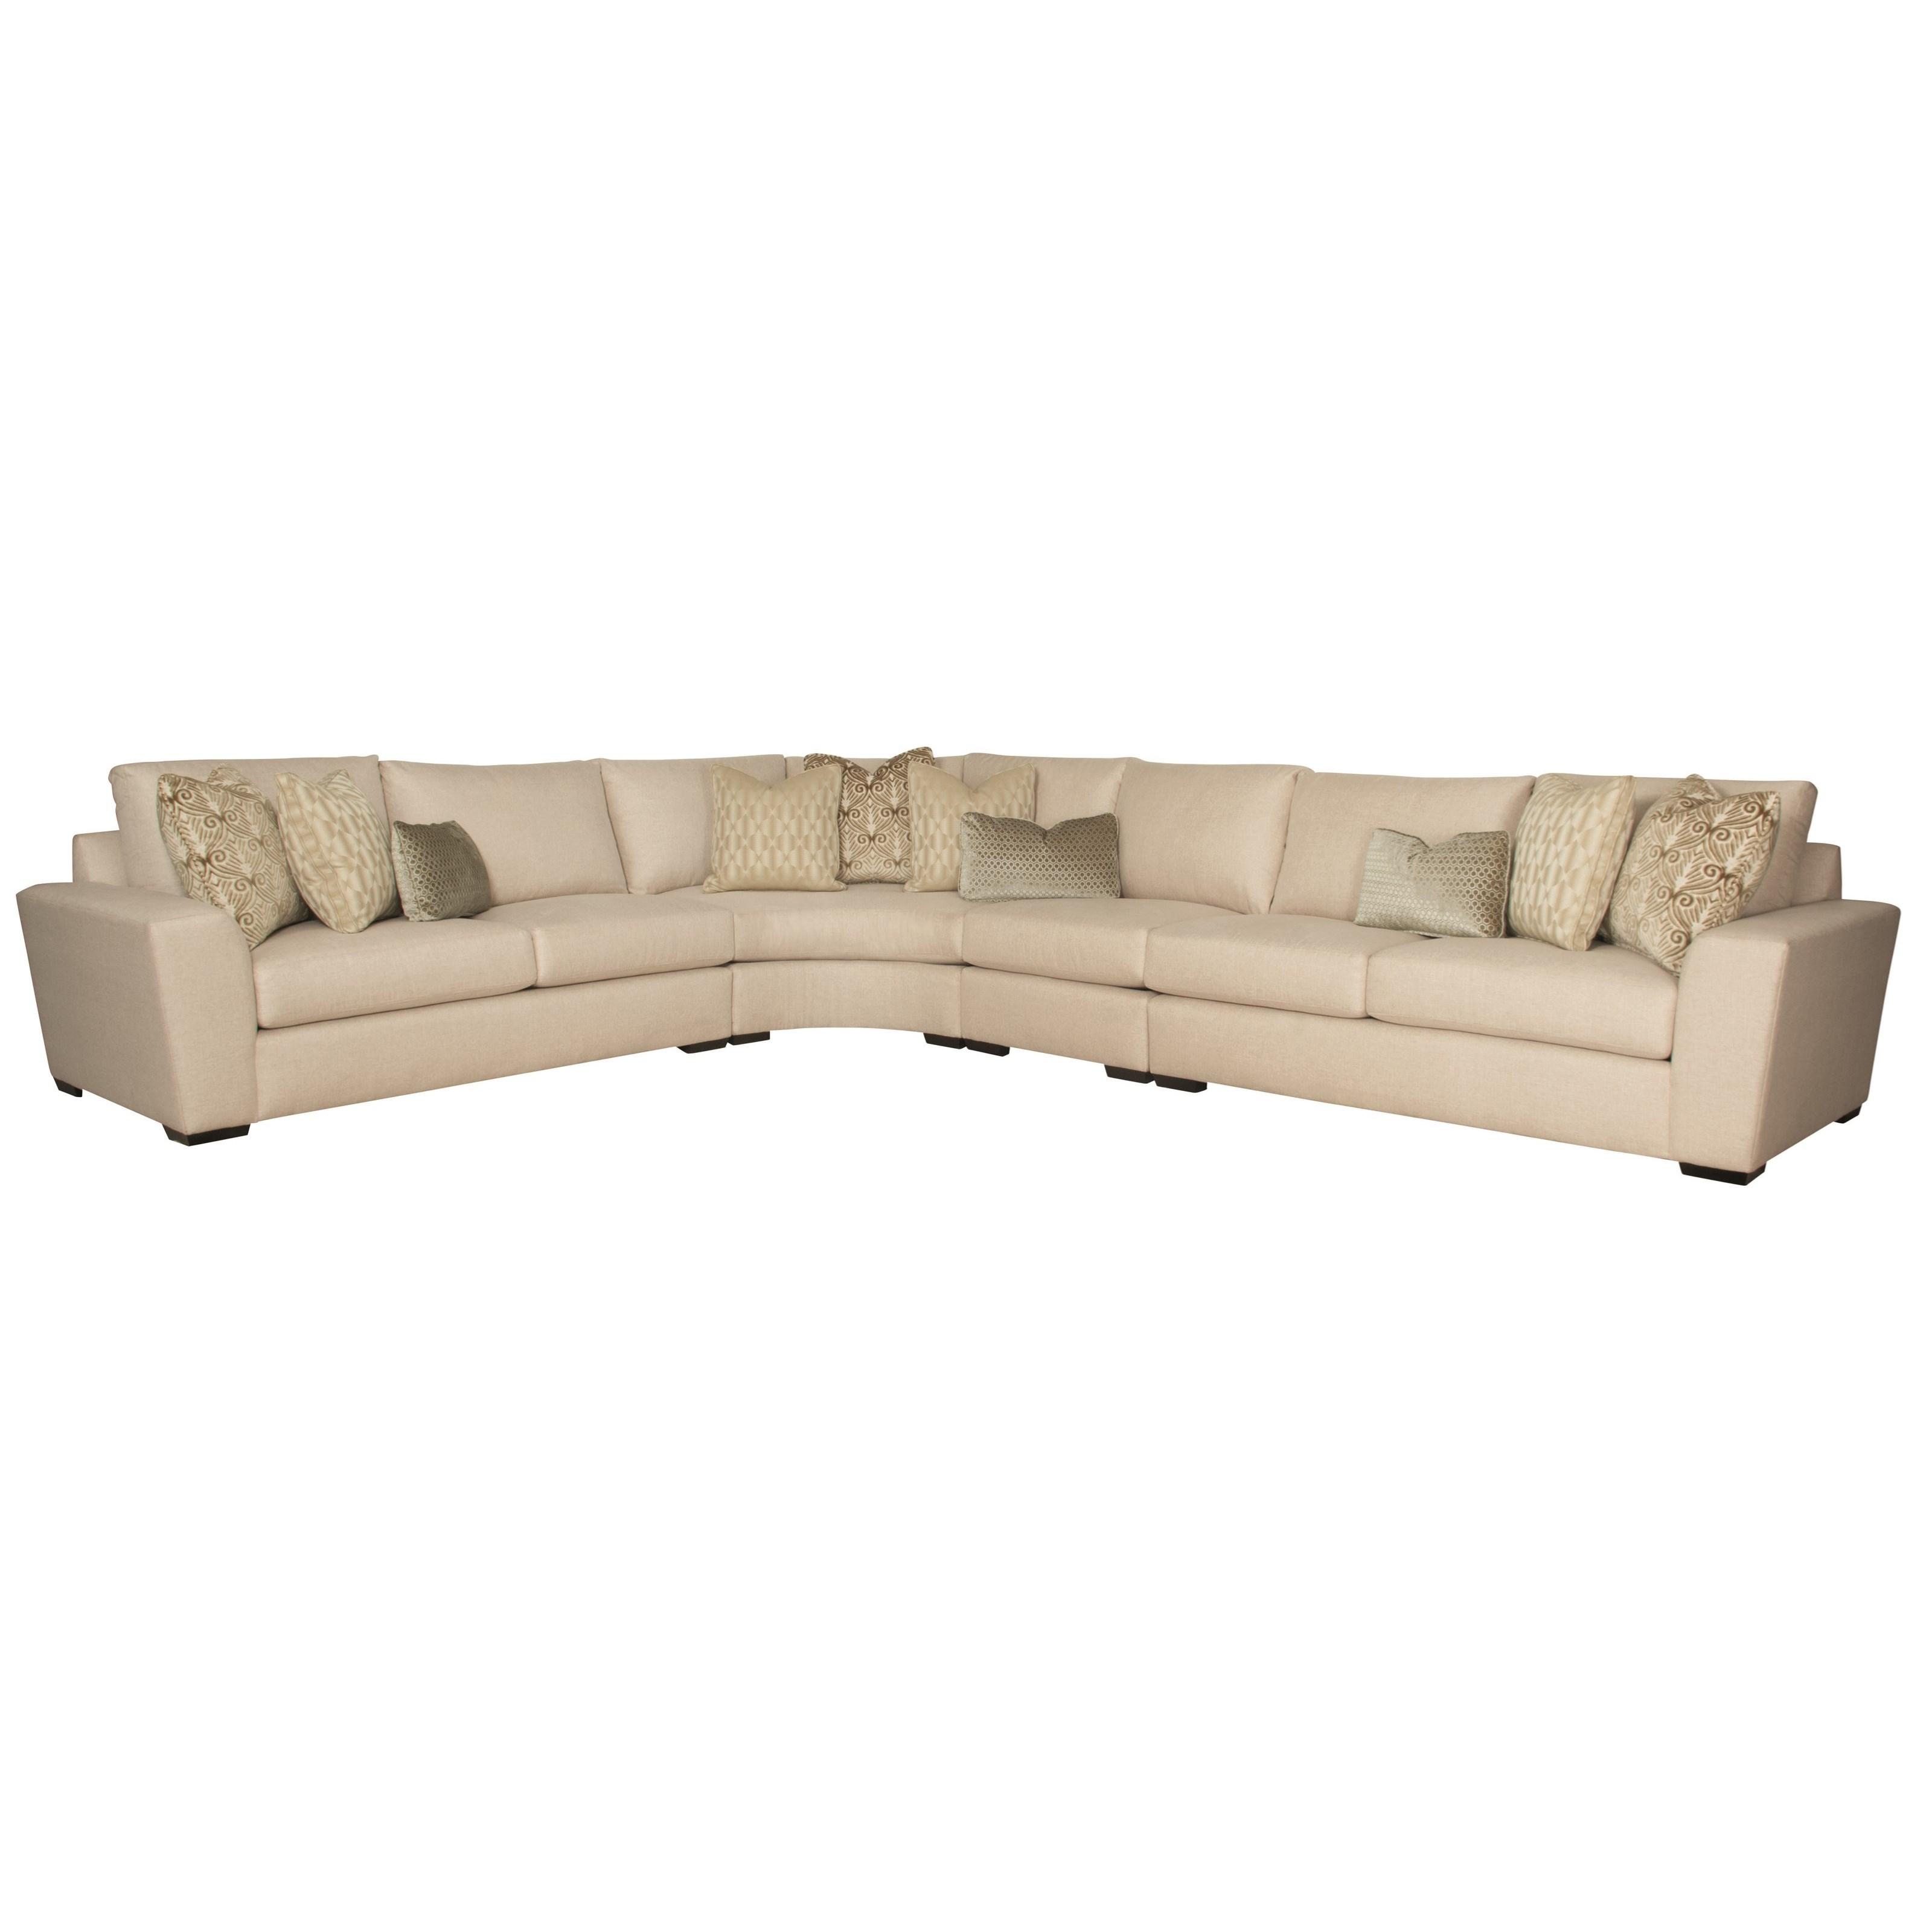 Bernhardt lockett sectional sofa seats 6 dunk bright for Bernhardt furniture sectional sofa